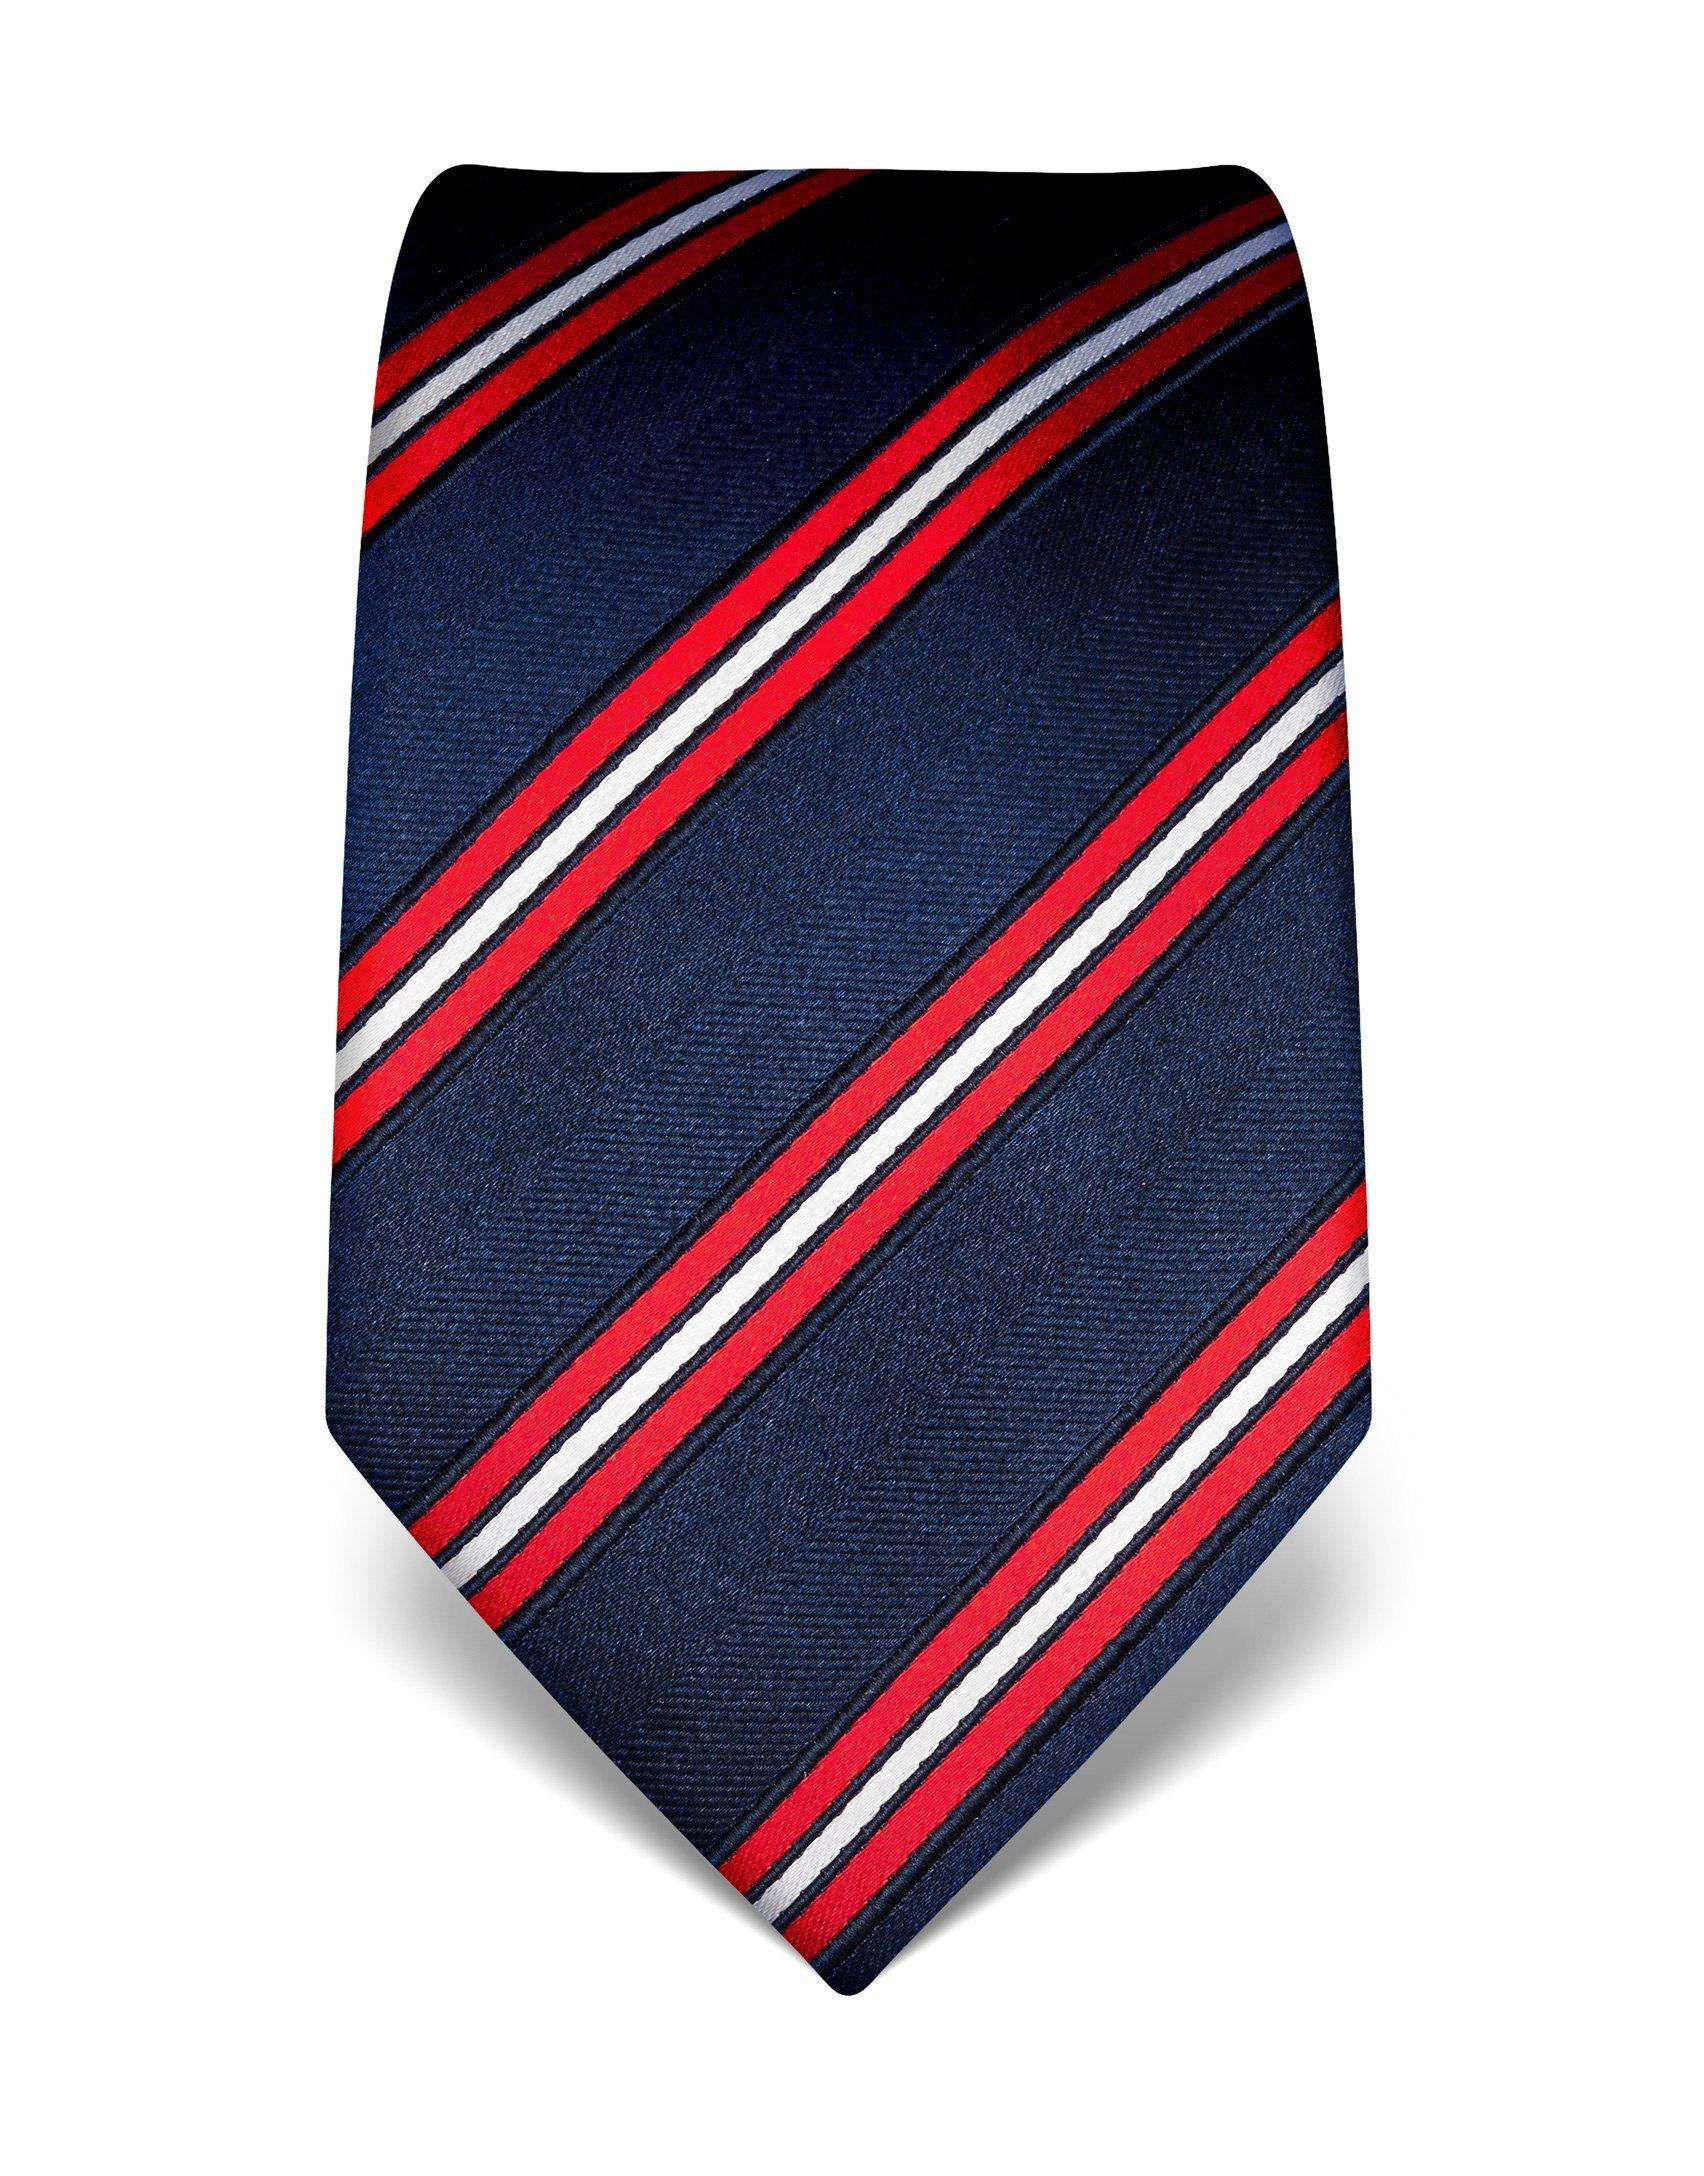 Vincenzo Boretti Krawatte aus reiner Seide mit Streifenmuster